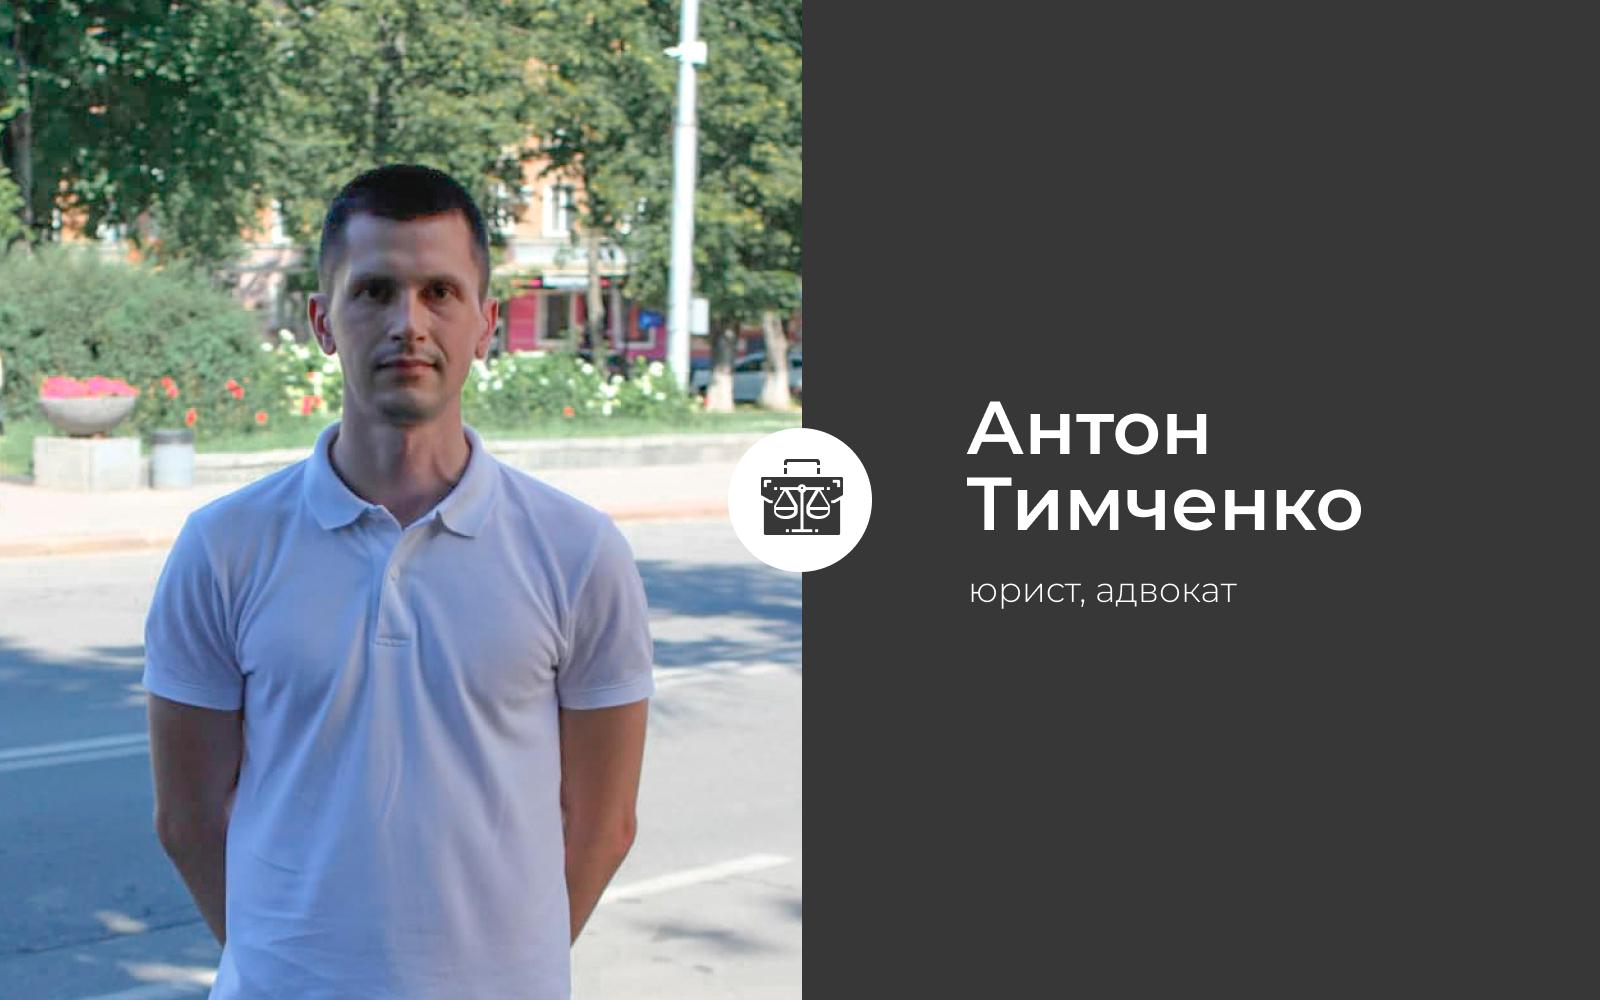 1. Антон Тимченко (2)